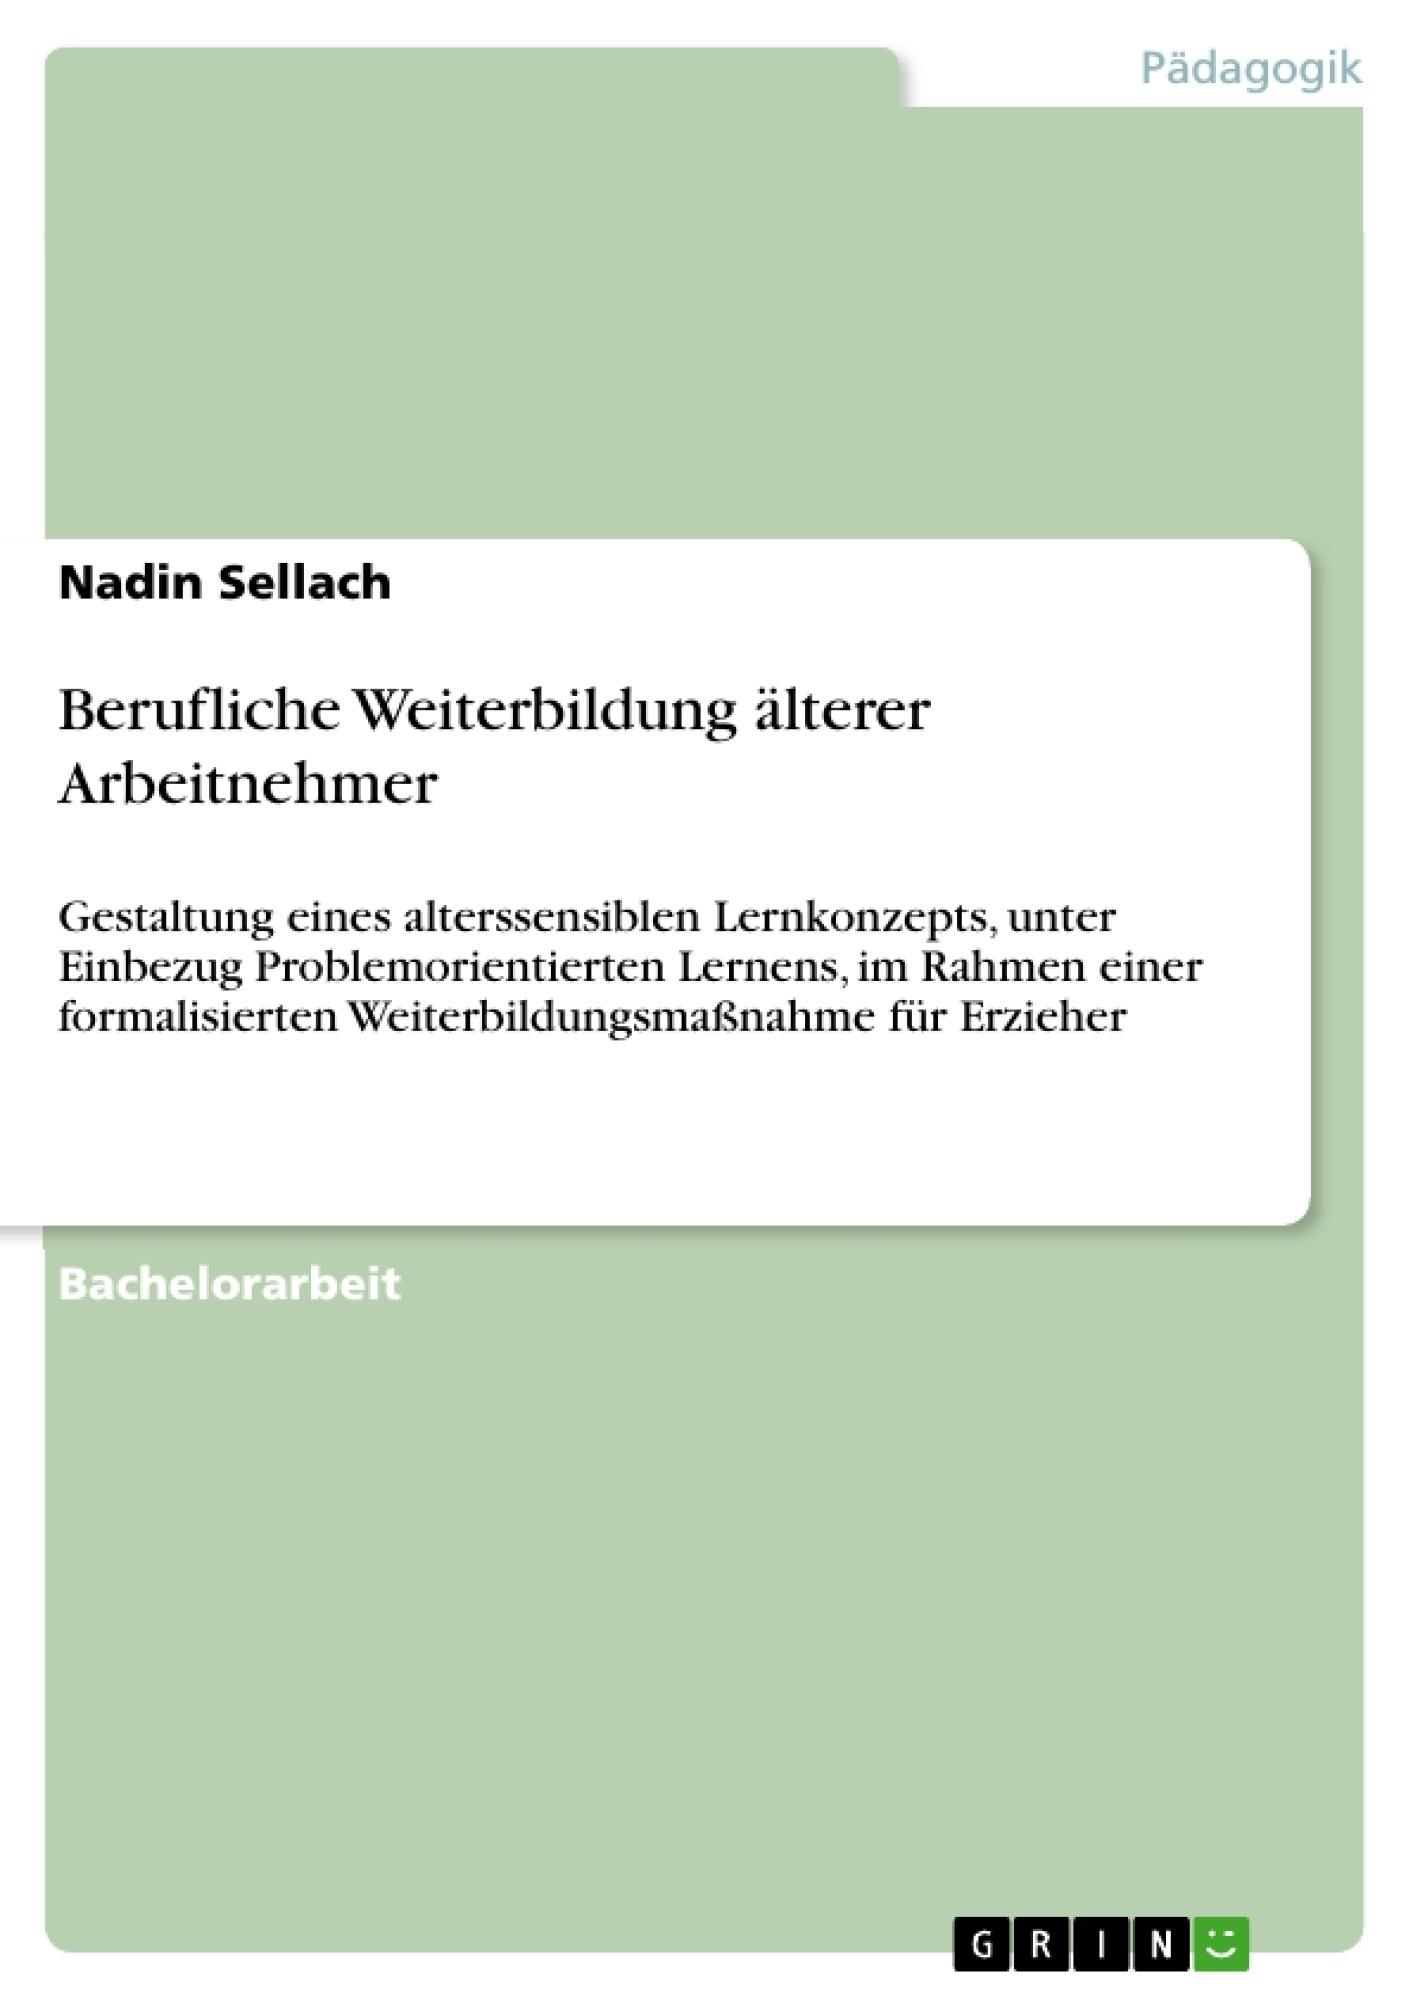 Titel: Berufliche Weiterbildung älterer Arbeitnehmer